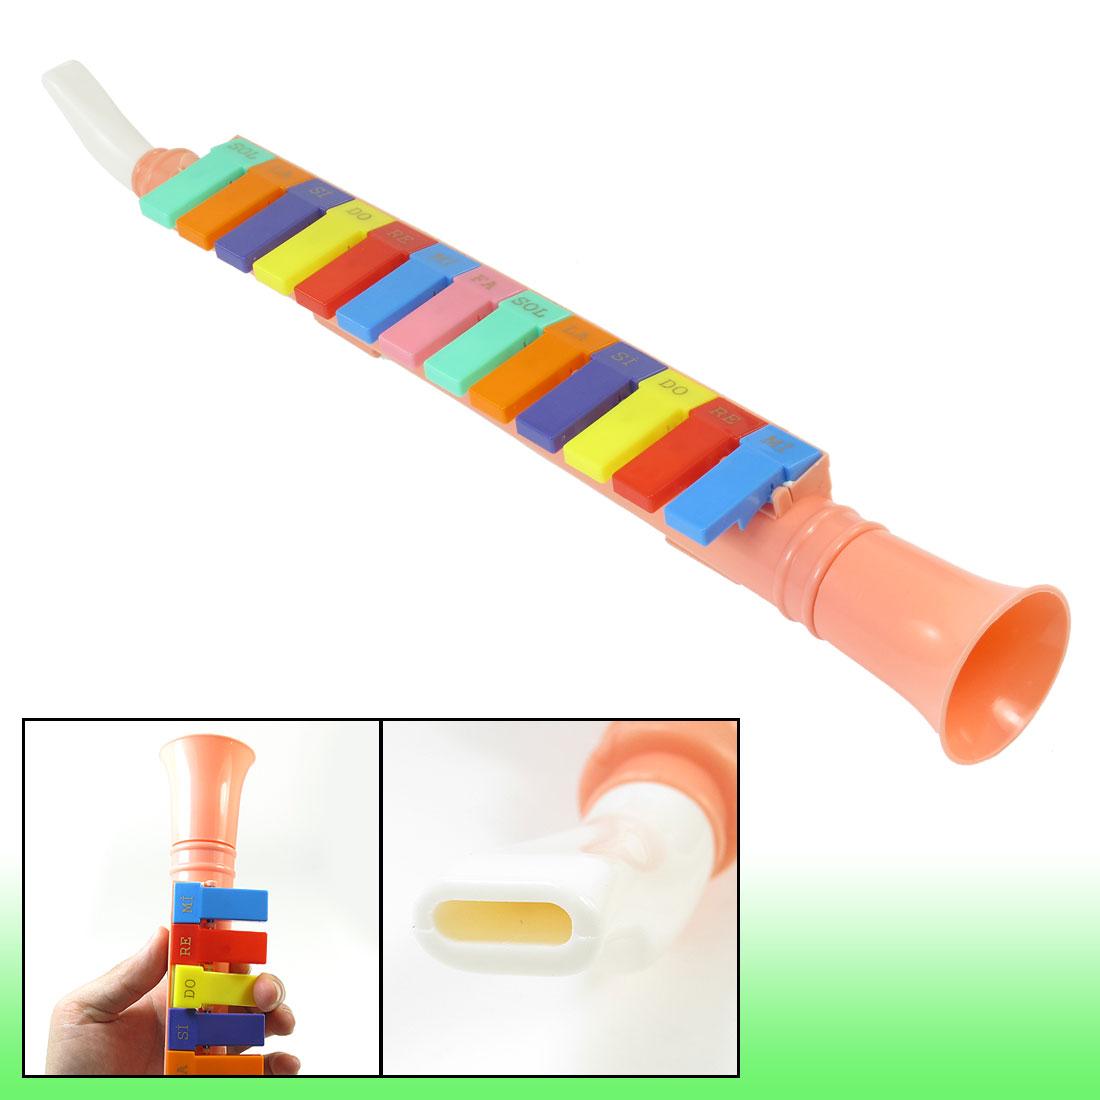 Kayısı plastik 13 tuş eğitici oyuncak mızıka melodika çocuk